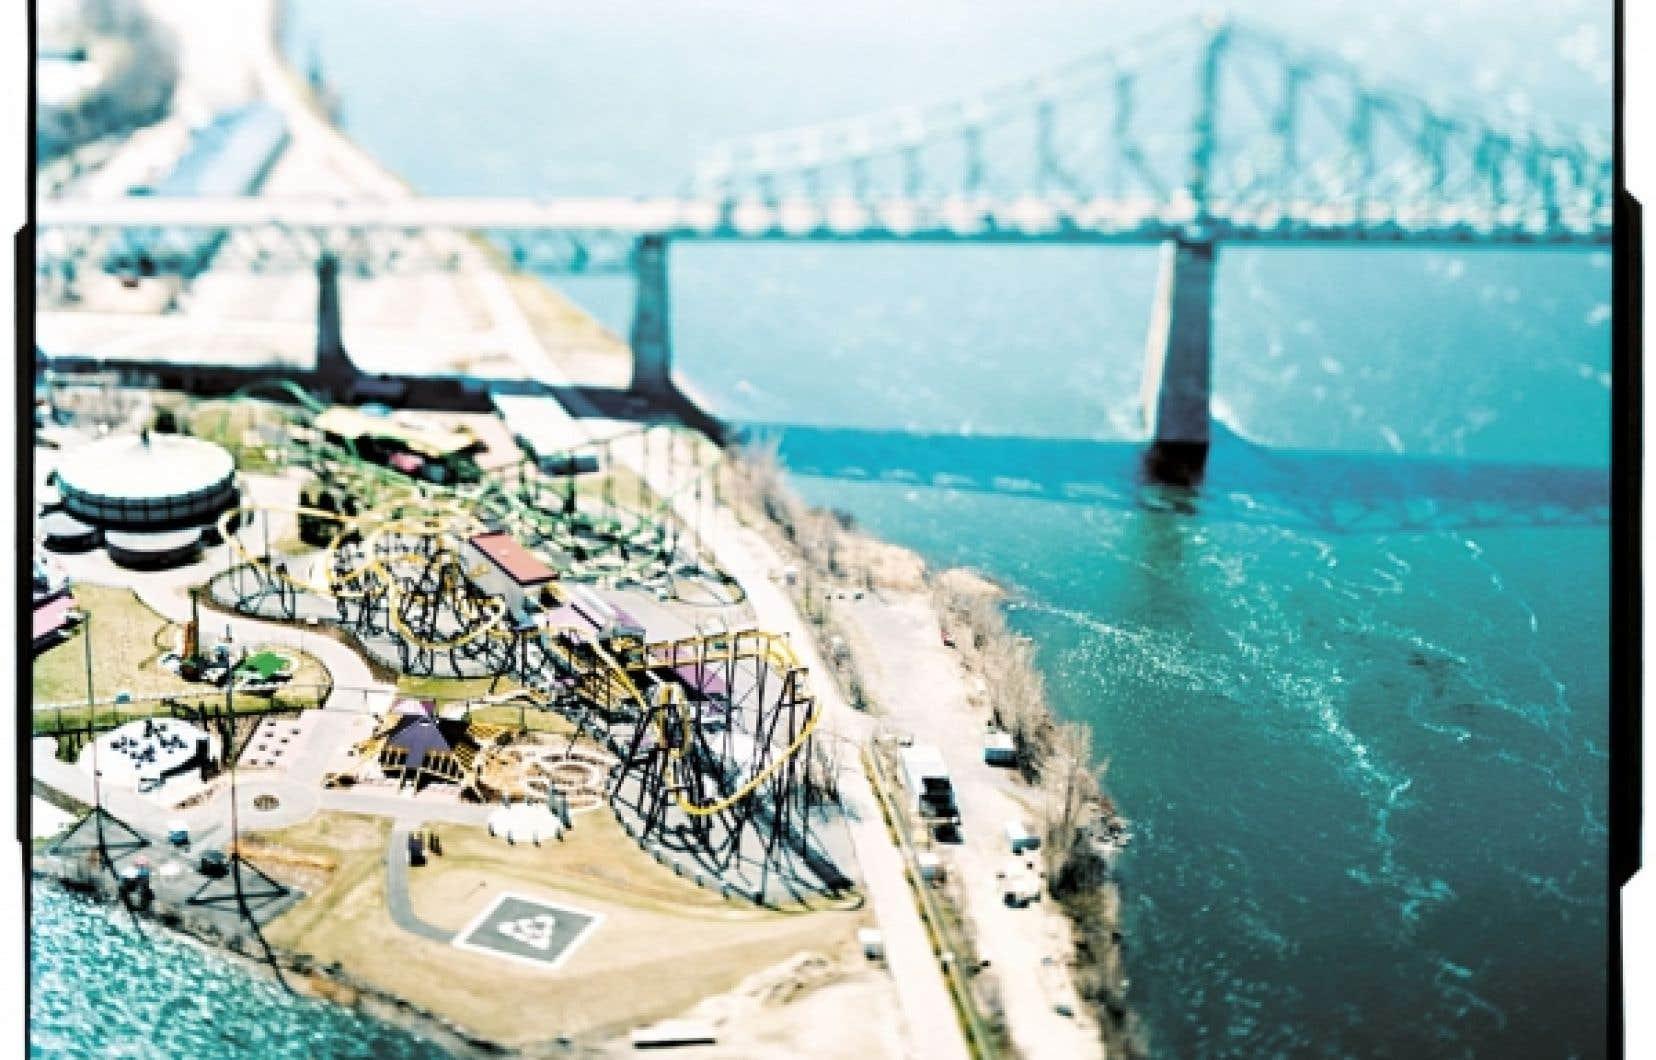 Né d'un vaste coup de sonde lancé au public en juin dernier par le CCA, ABC : MTL est en perpétuel mouvement, les propositions devant être remplacées périodiquement par de nouvelles d'ici mars 2013. Ici, Le parc d'amusement de La Ronde et le pont Jacques-Cartier, Montréal, 2004, une photographie d'Olivo Barbieri.